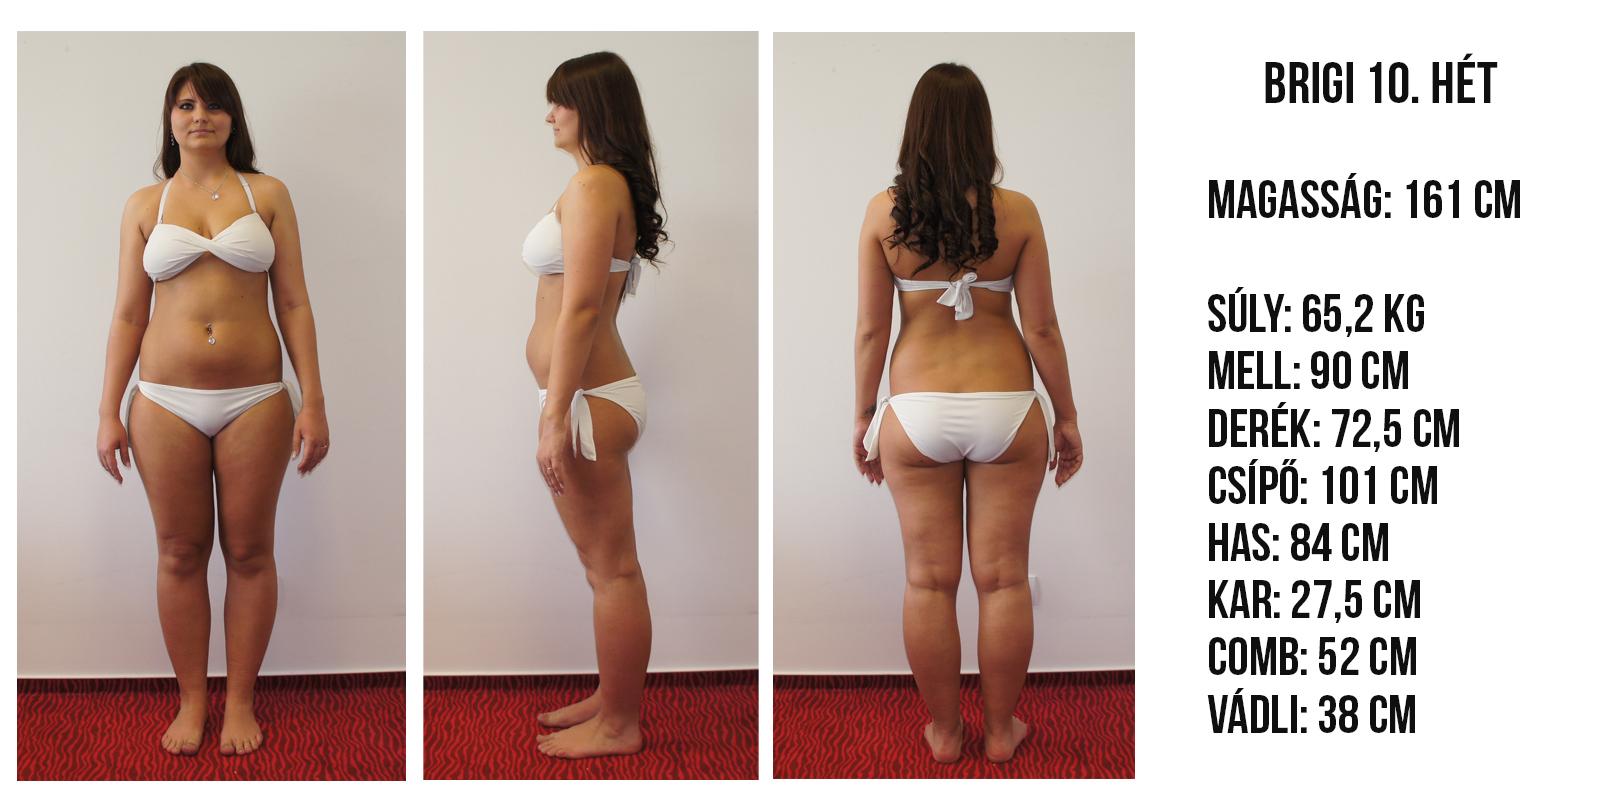 Hogyan fogytam le 10 kilót 40 éves kor felett? - Fogyás 43 éves korban